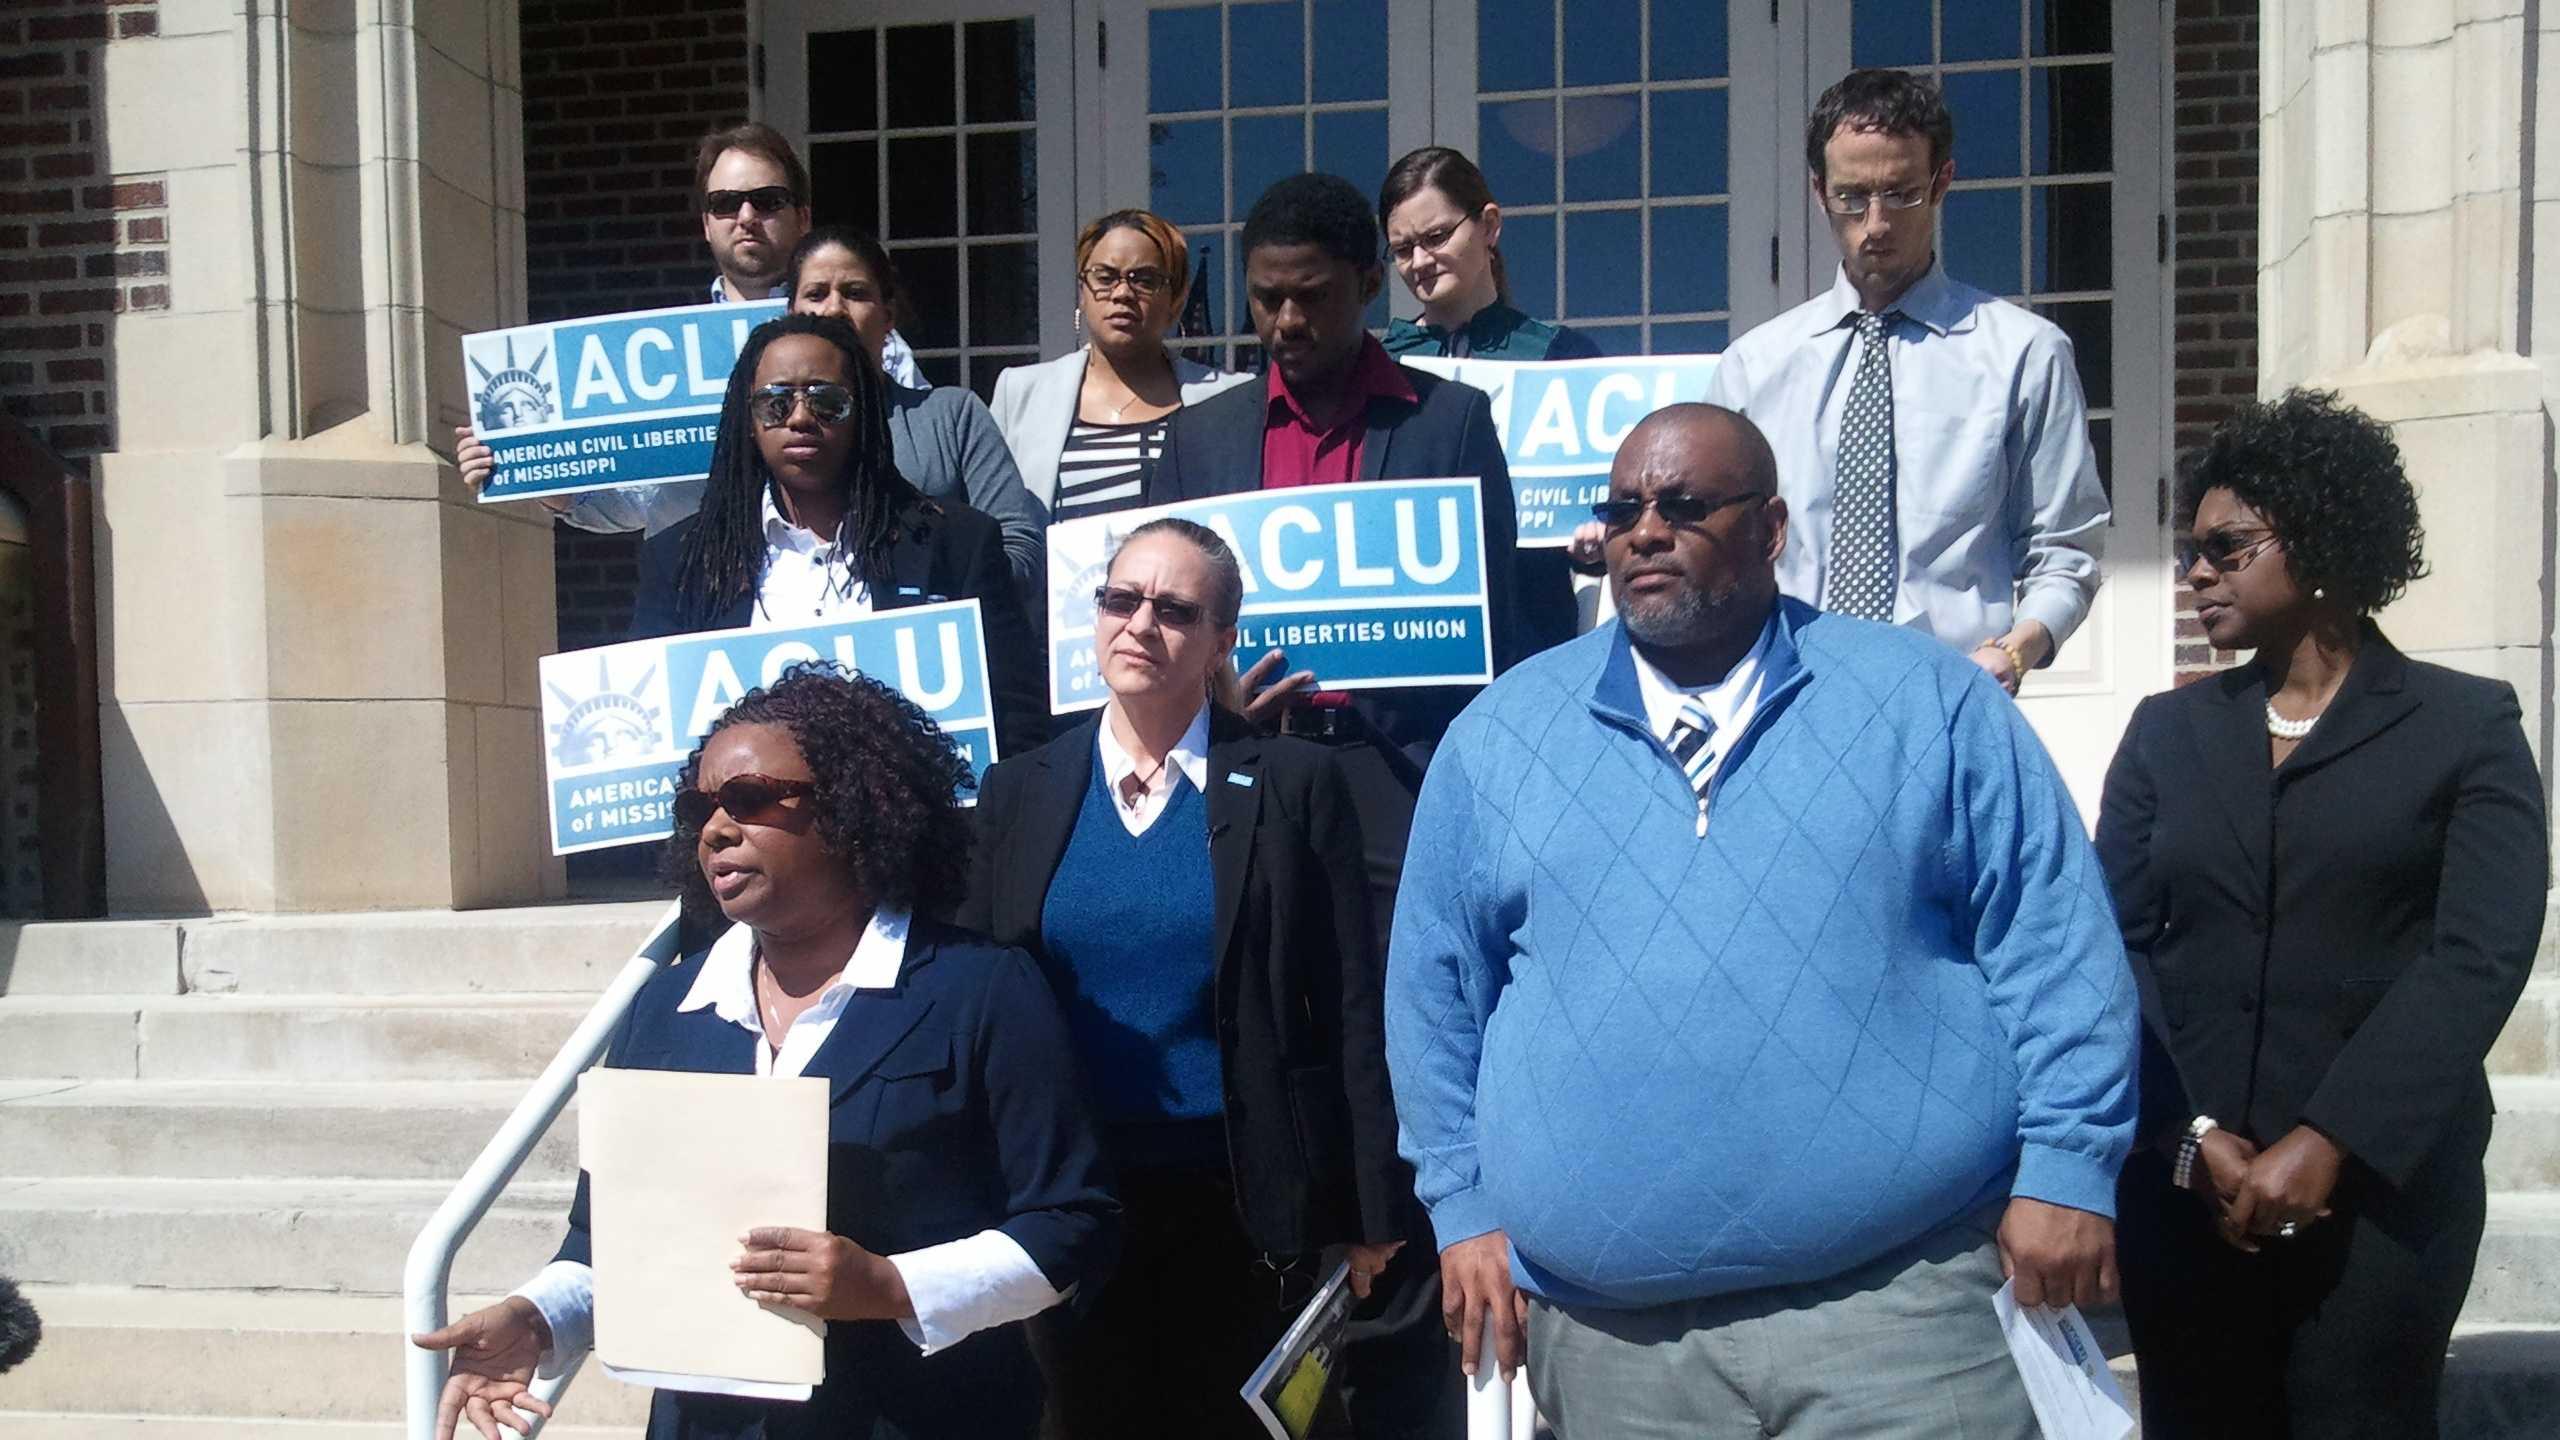 ACLU on armed teachers